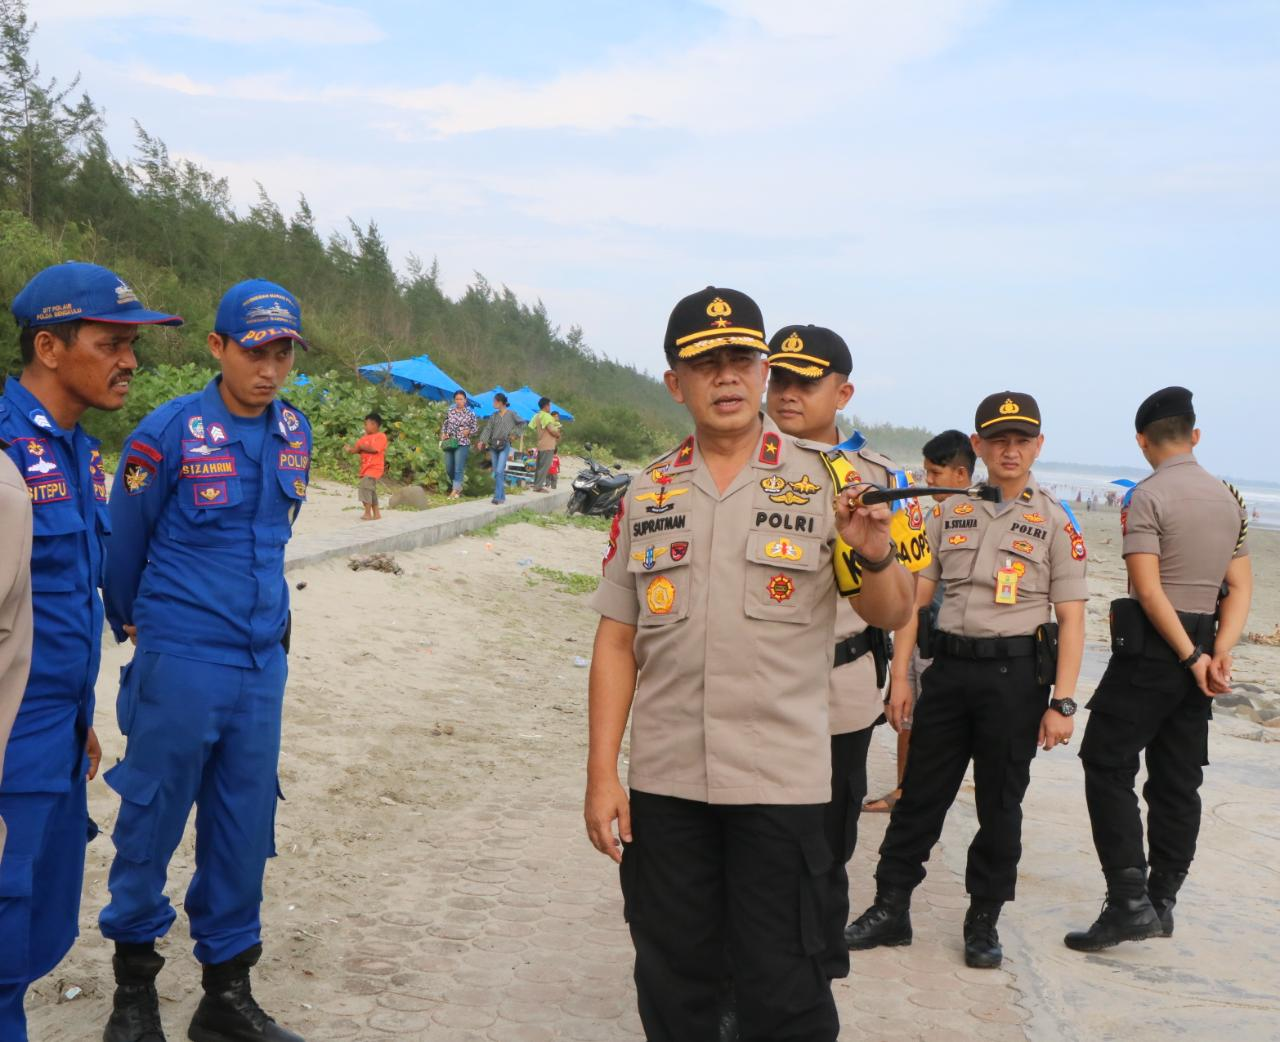 Tingkatkan Pelayanan Polisi Berikan Pengamanan 24 Jam Di Objek Wisata